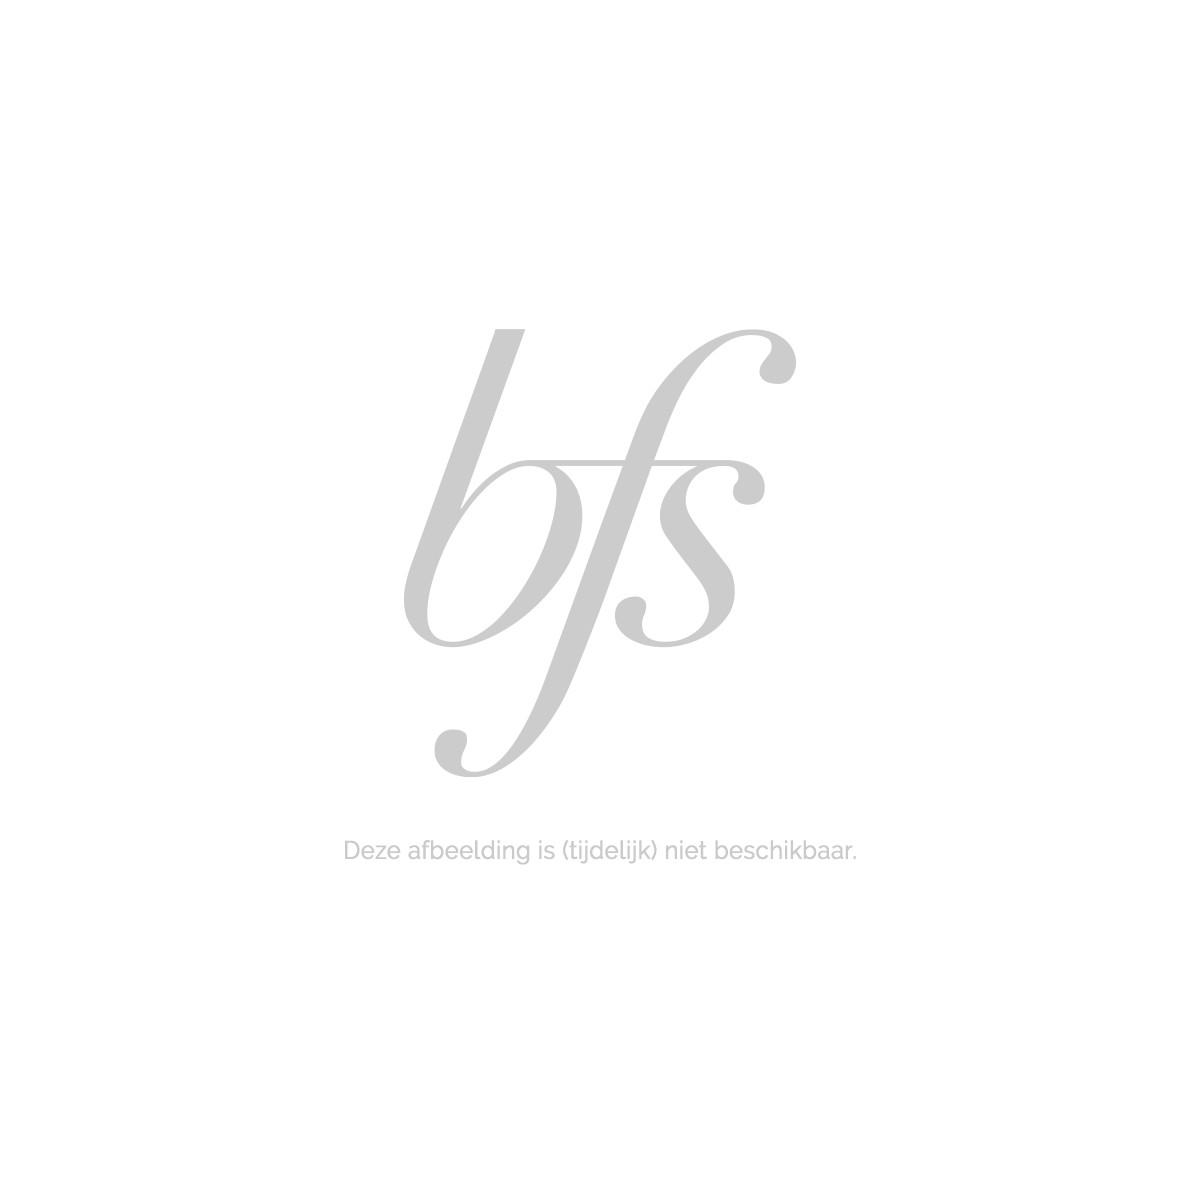 Guerlain Kiss Kiss Creamy Shaping Lip Colour #361 Excessive Rose 3,50 gr